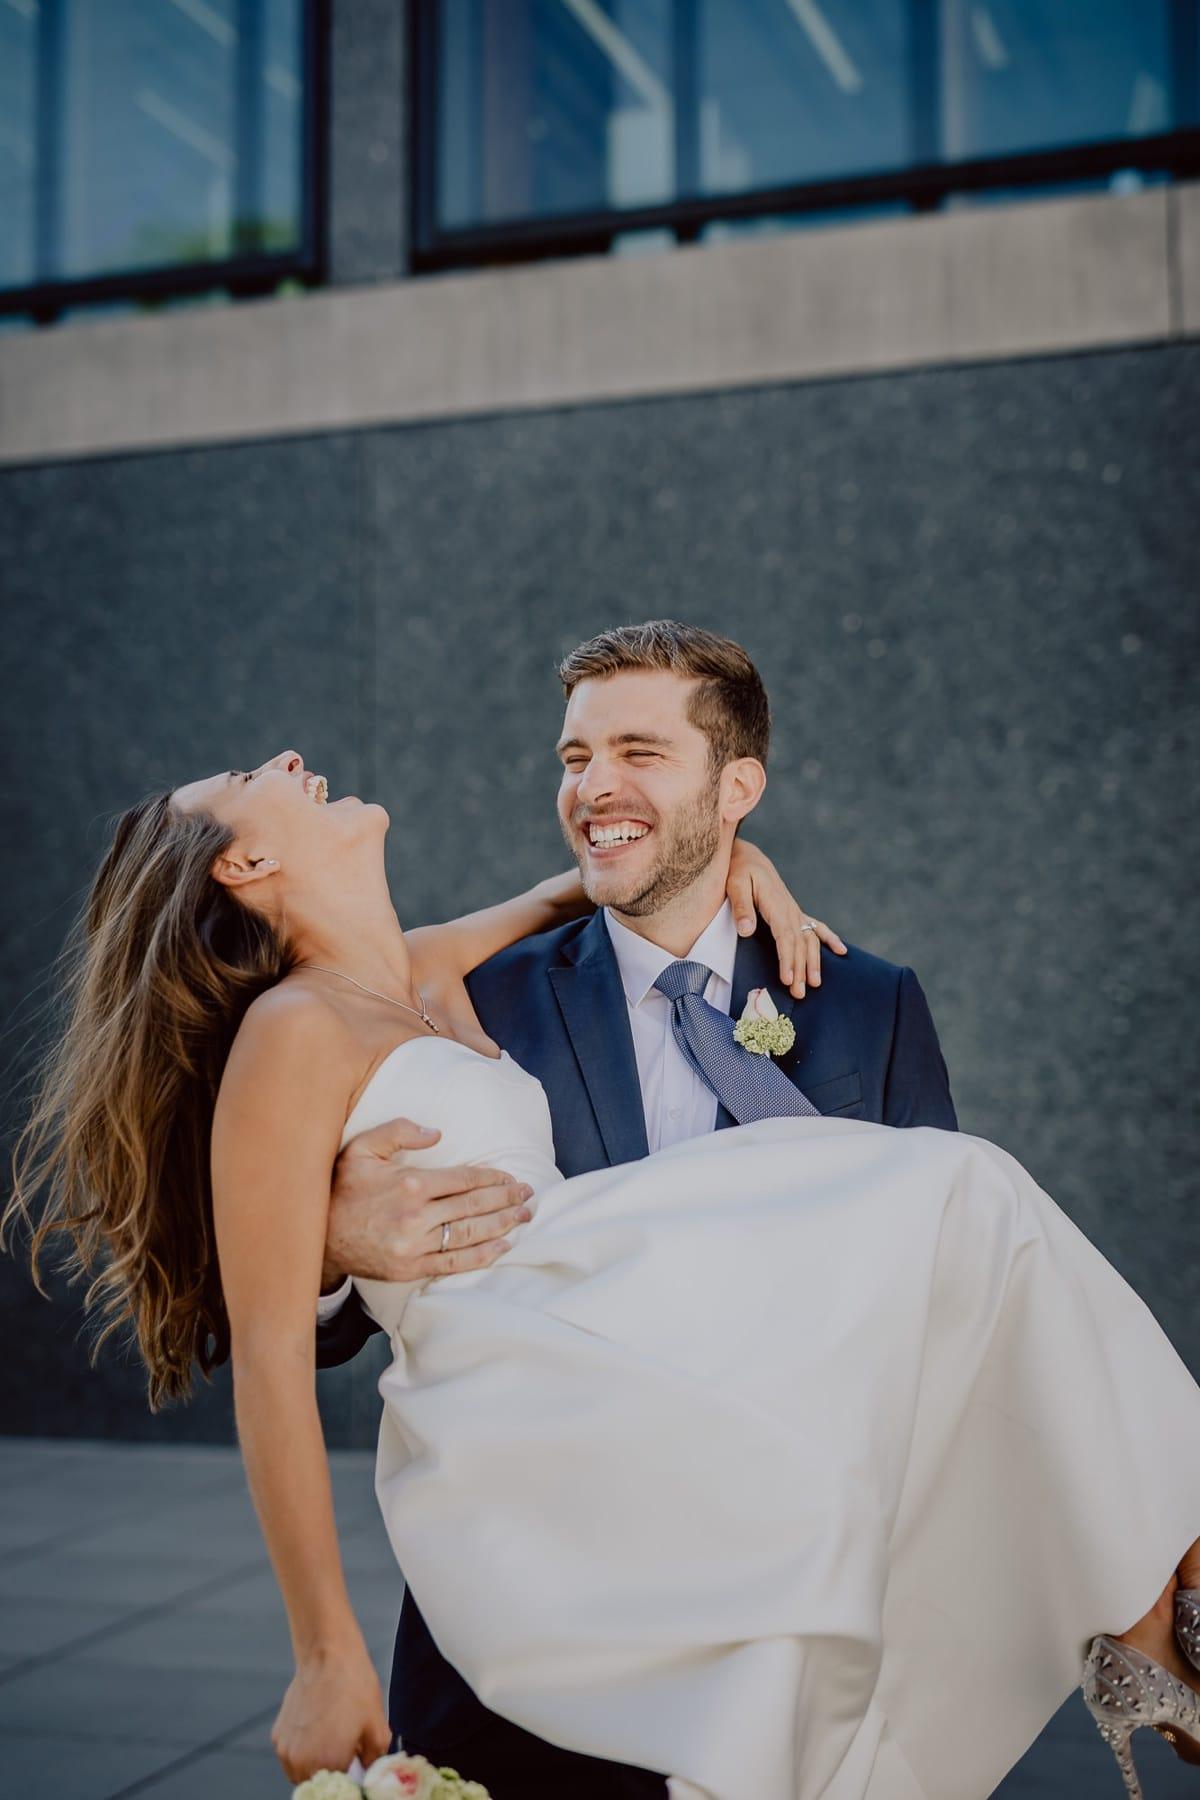 hochzeitsfotograf muenchen hochzeitsfotos standesamt schwabing mandlstrasse englischer garten munich wedding